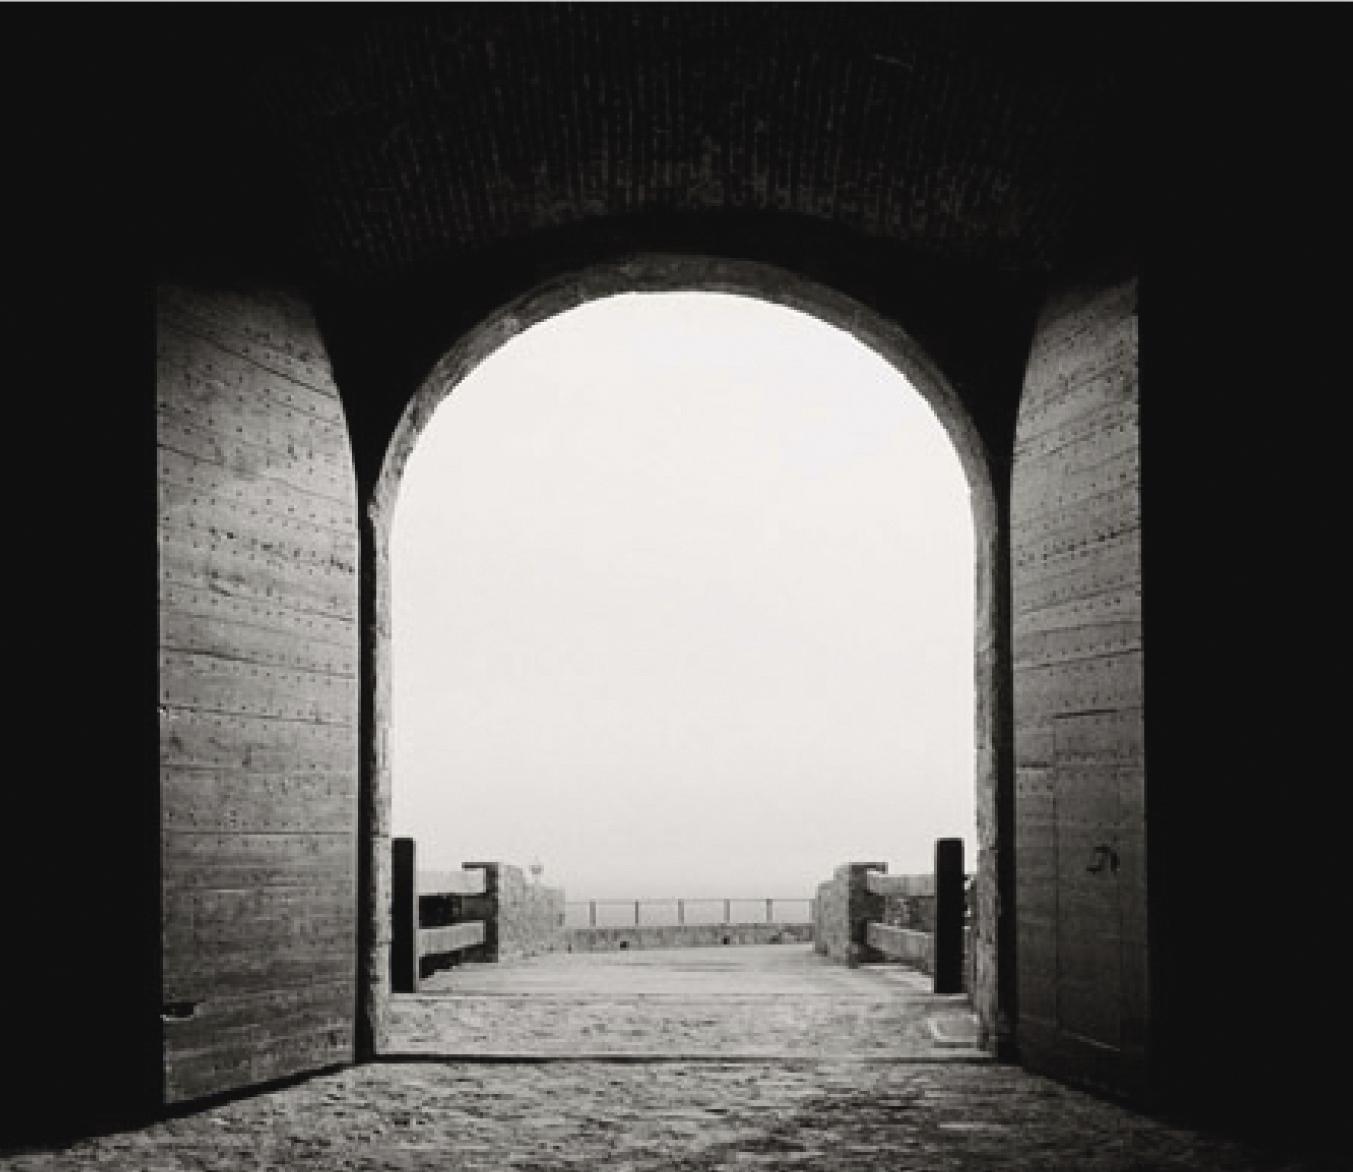 Michel Collet, Dernière vision du Caravage avant la mort, 1996, tirage argentique, 30x40cm. © Michel Collet